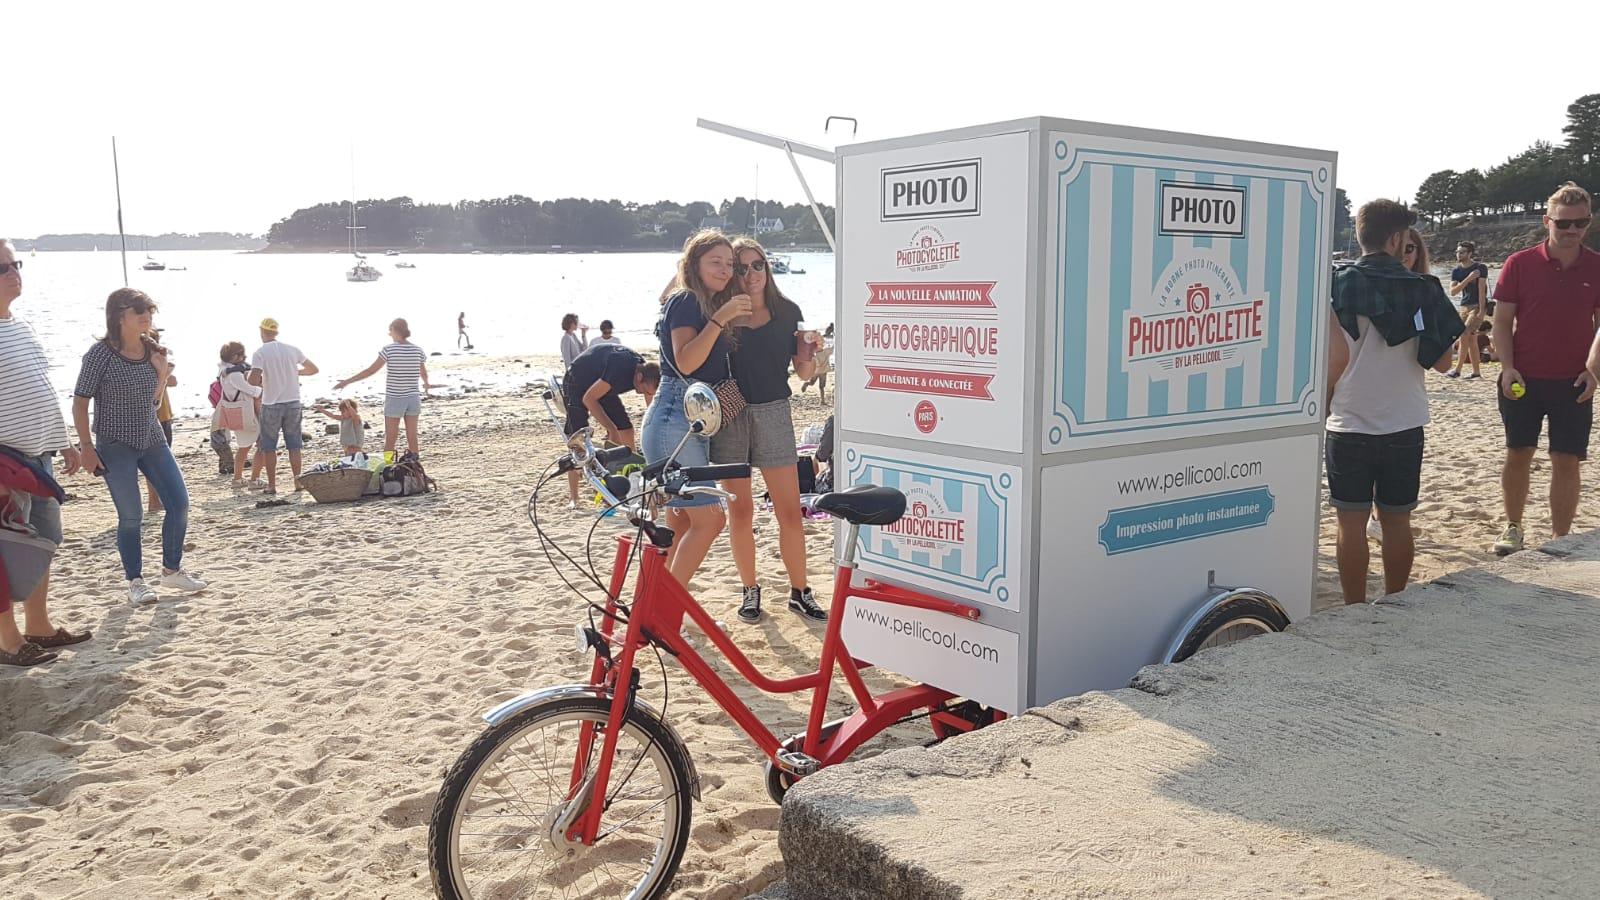 La Photocyclette sur la Grande Plage de l'Ile aux Moines